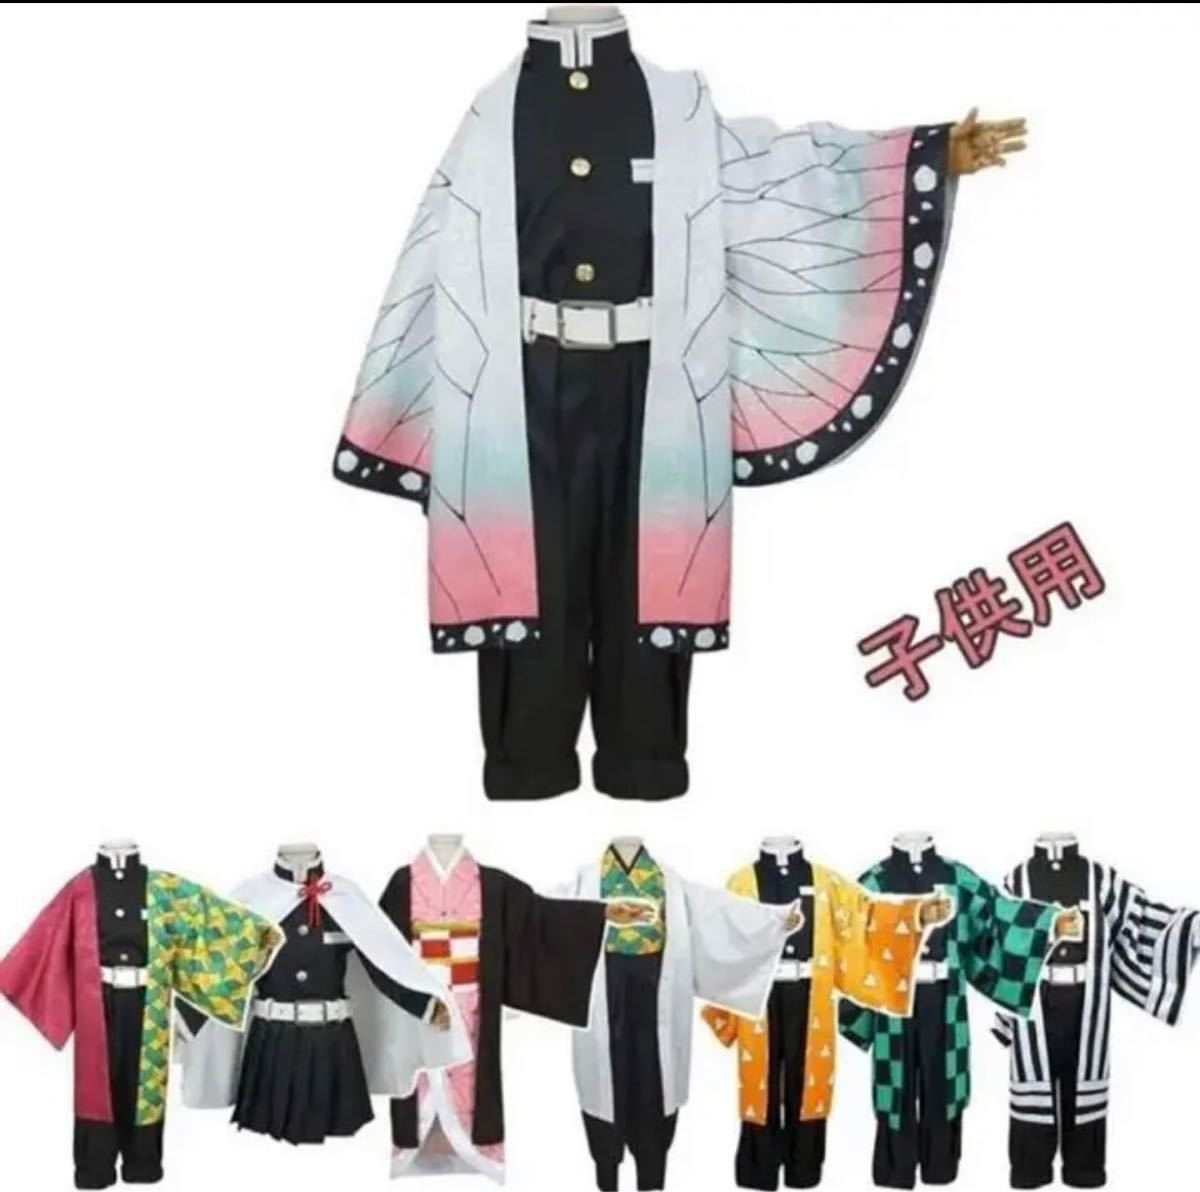 鬼滅の刃 子供服 子供用 胡蝶しのぶ コスプレ 衣装